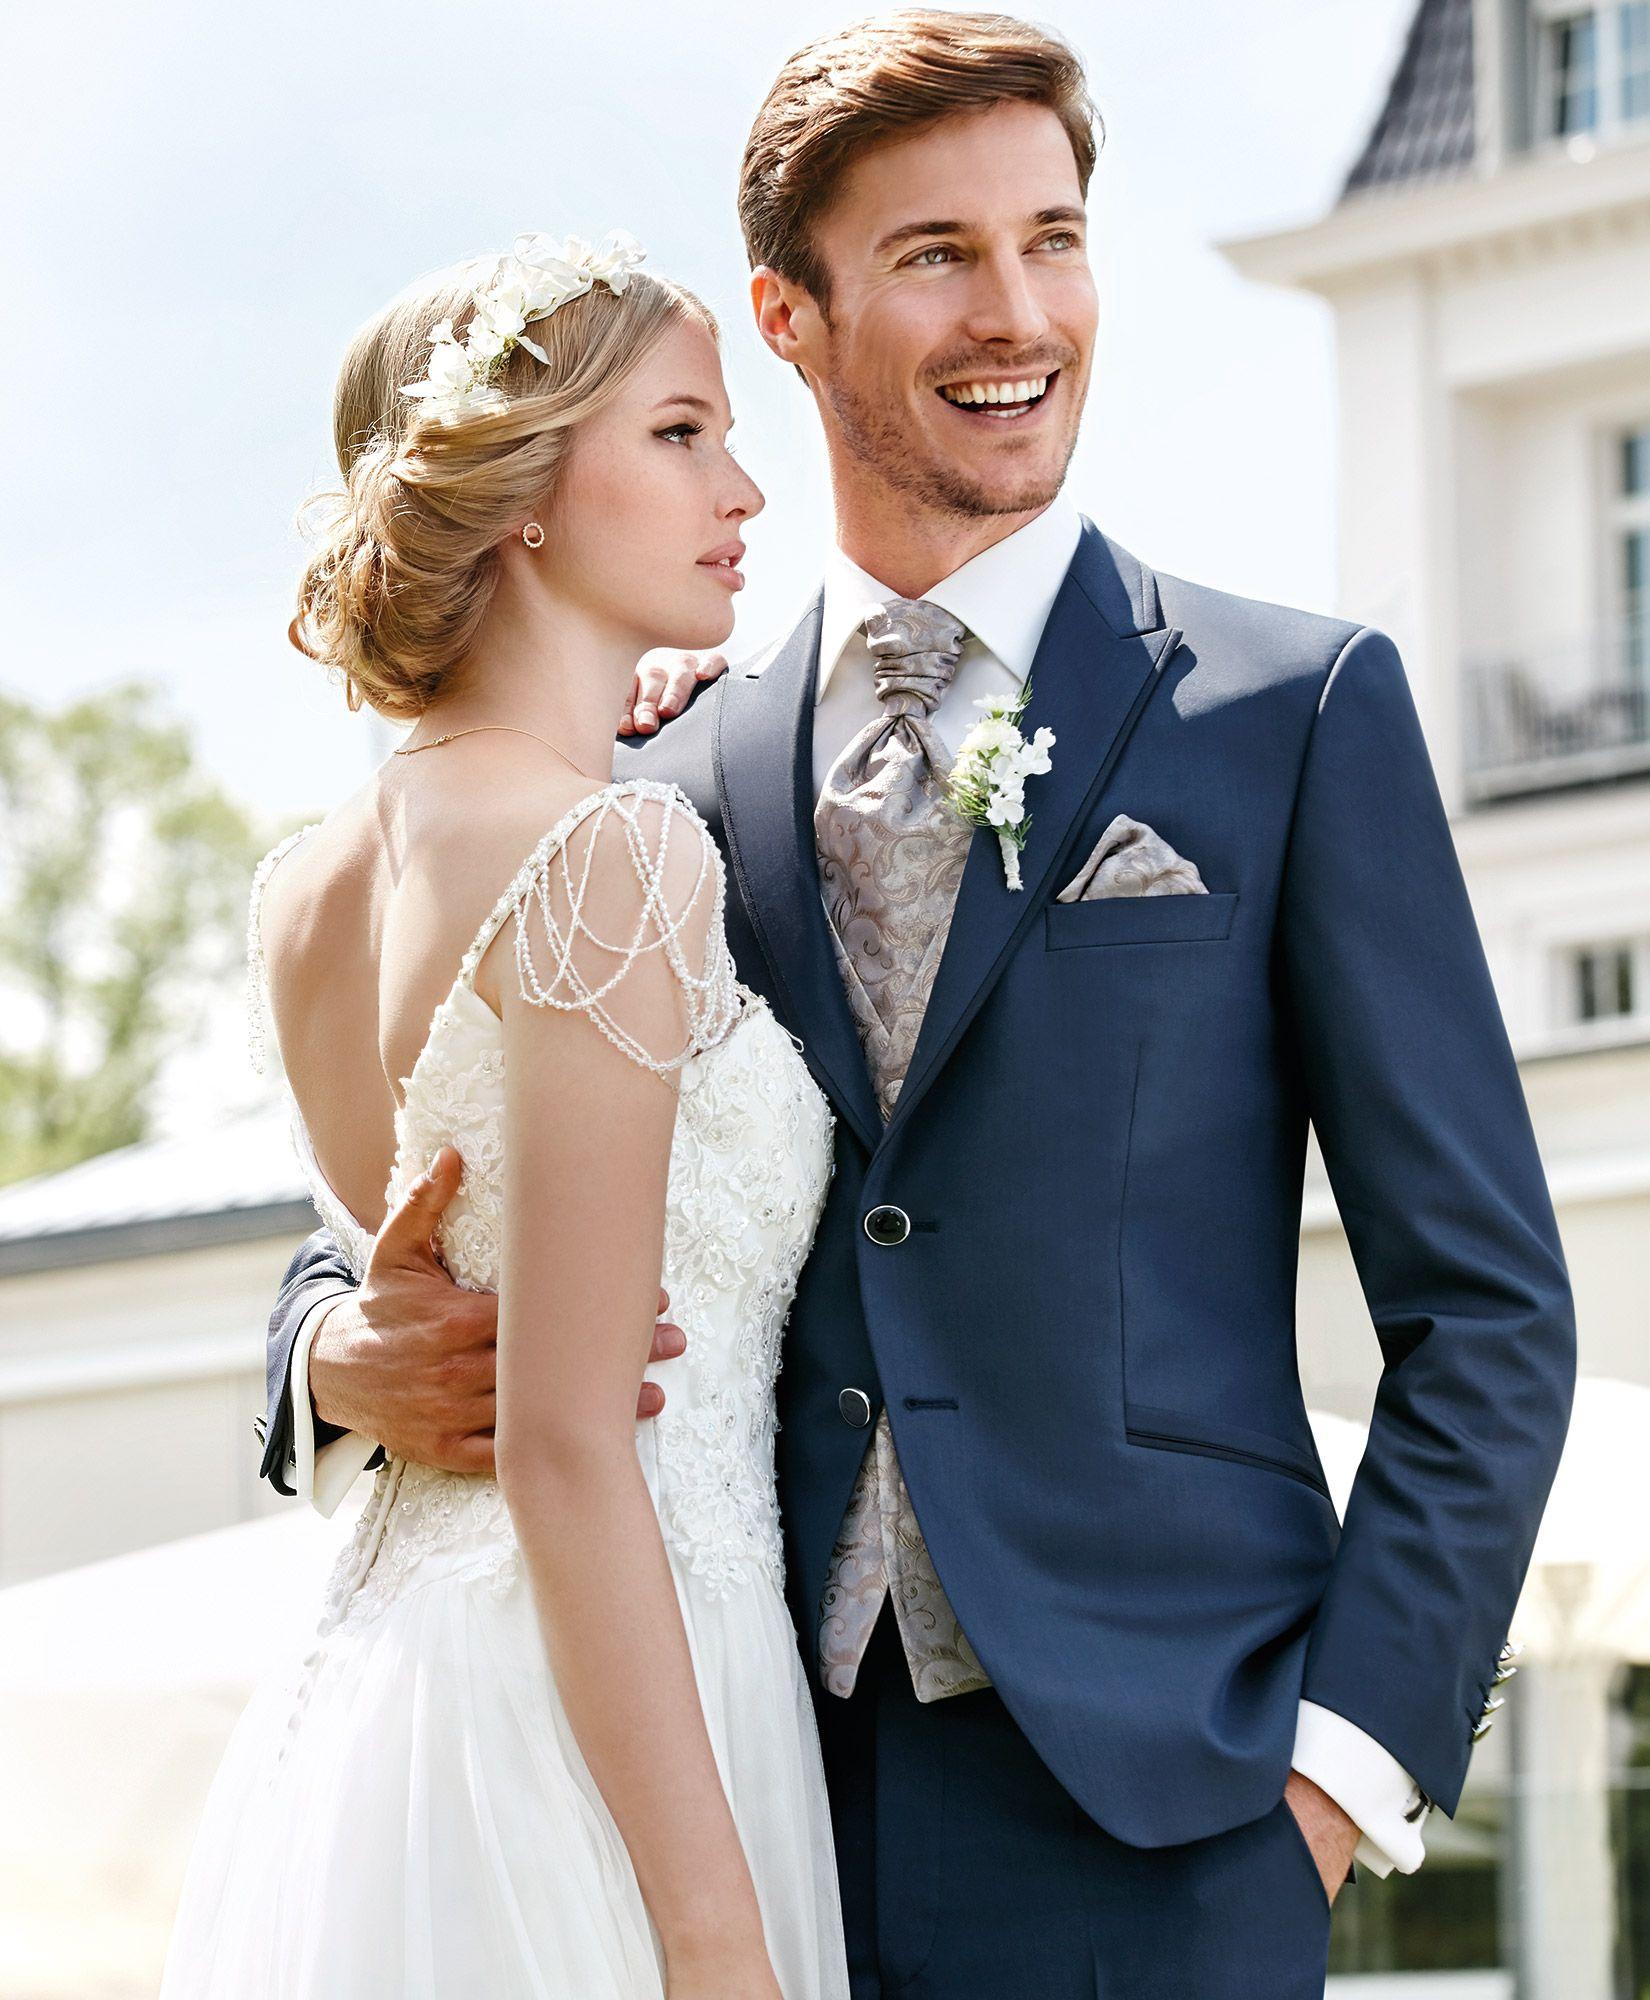 6efc4bc6d8 Der Hochzeitsanzug auf dem neuen After Six ECHTE MOMENTE Katalog 2017 ist  ein echter Hingucker in